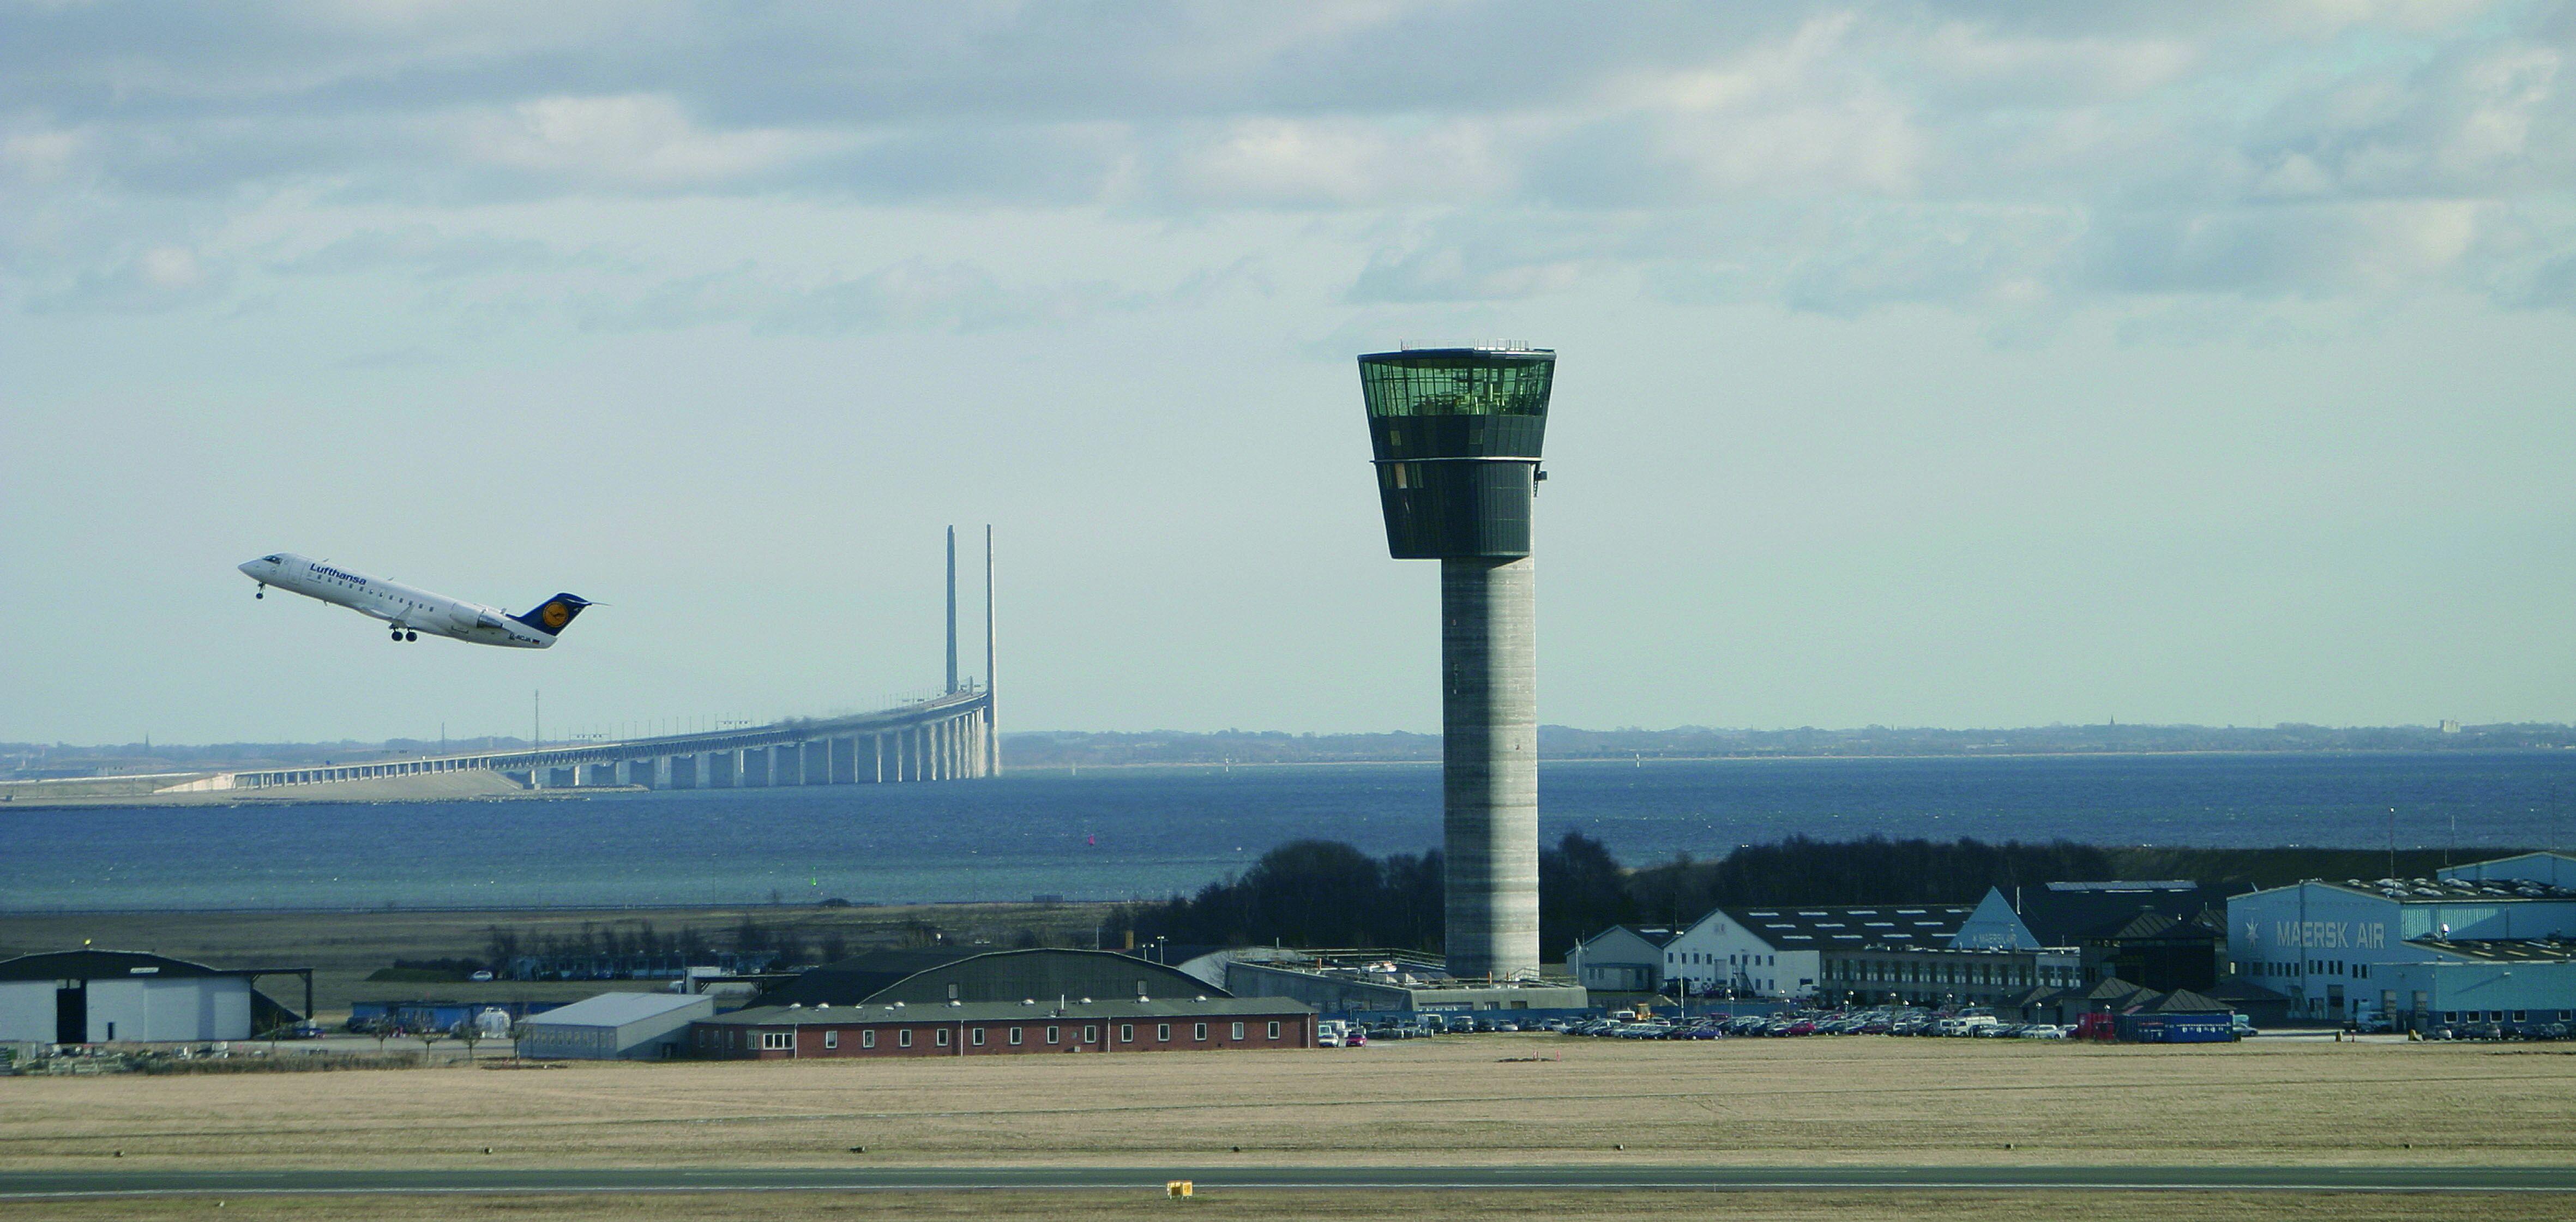 Det globale erhvervsrejsebureau BCD Travel udstedte sidste år flere flybilletter til Københavns Lufthavn end for eksempel Frankfurt. Arkivpressefoto fra Københavns Lufthavn.